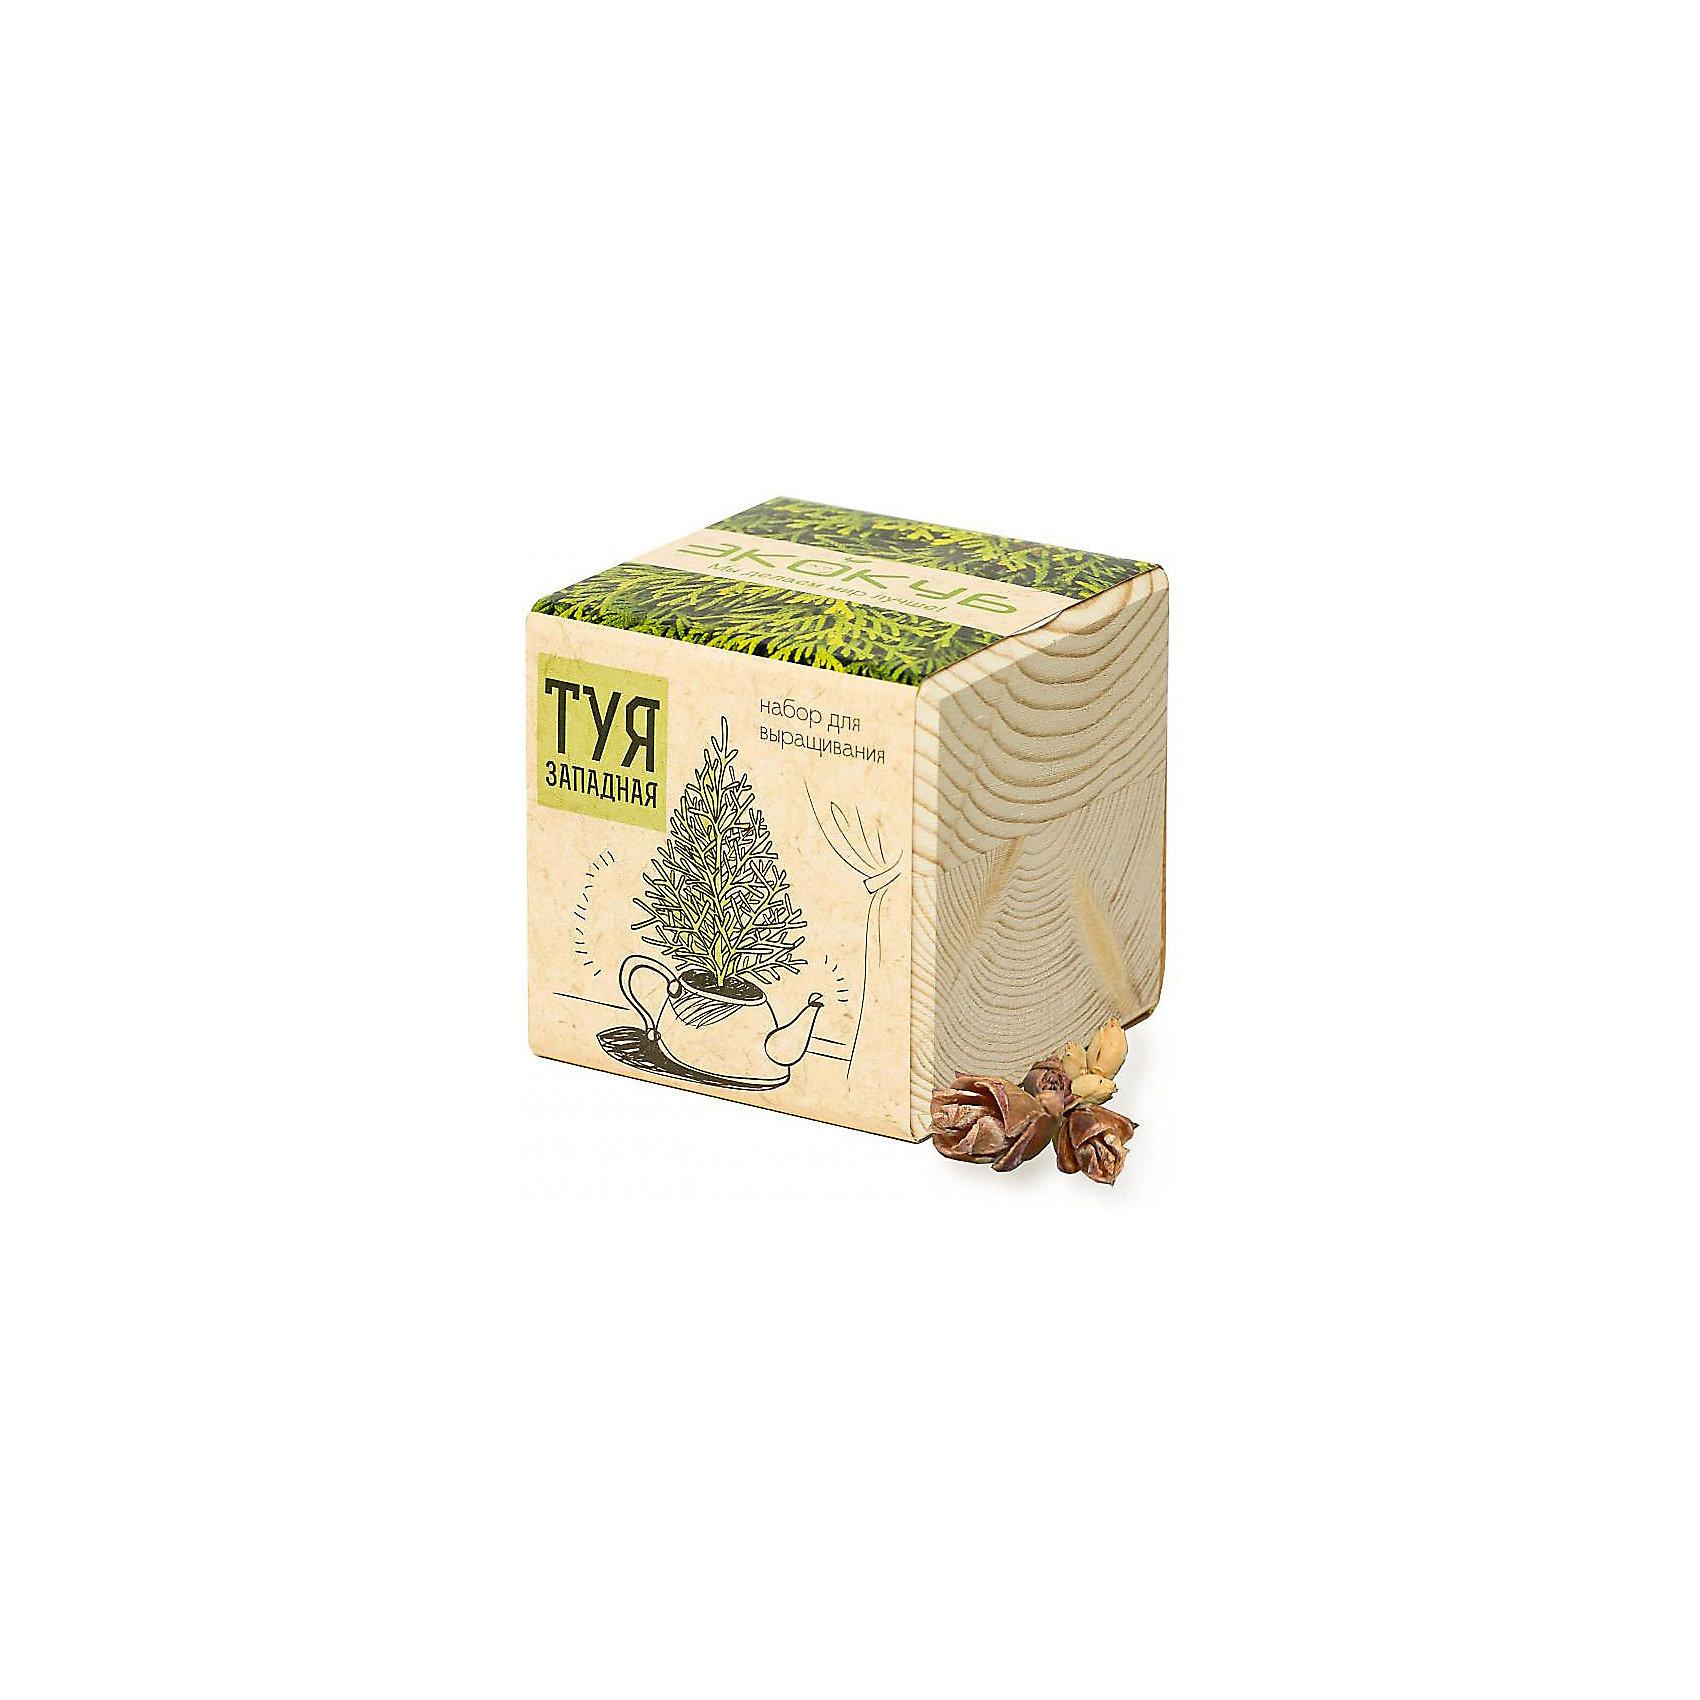 Набор для выращивания Туя, ЭкокубНаборы для выращивания растений<br>Наборы Эко Куб - удивительная вещь, которая станет необычным украшением дома или оригинальным подарком. С виду это лишь маленьникй деревянный кубик, но внутри него спрятано настоящее деревце, которое вы самостоятельно сможете прорастить из семечка и собрать урожай. Это увлекательное и полезное занятие для всей семьи, которое поможет родителям стать ближе к своим детям. Набор учит ребенка заботиться о живых существах, воспитывает чувство ответственности.<br><br>Ширина мм: 80<br>Глубина мм: 80<br>Высота мм: 80<br>Вес г: 197<br>Возраст от месяцев: 60<br>Возраст до месяцев: 2147483647<br>Пол: Унисекс<br>Возраст: Детский<br>SKU: 5596051